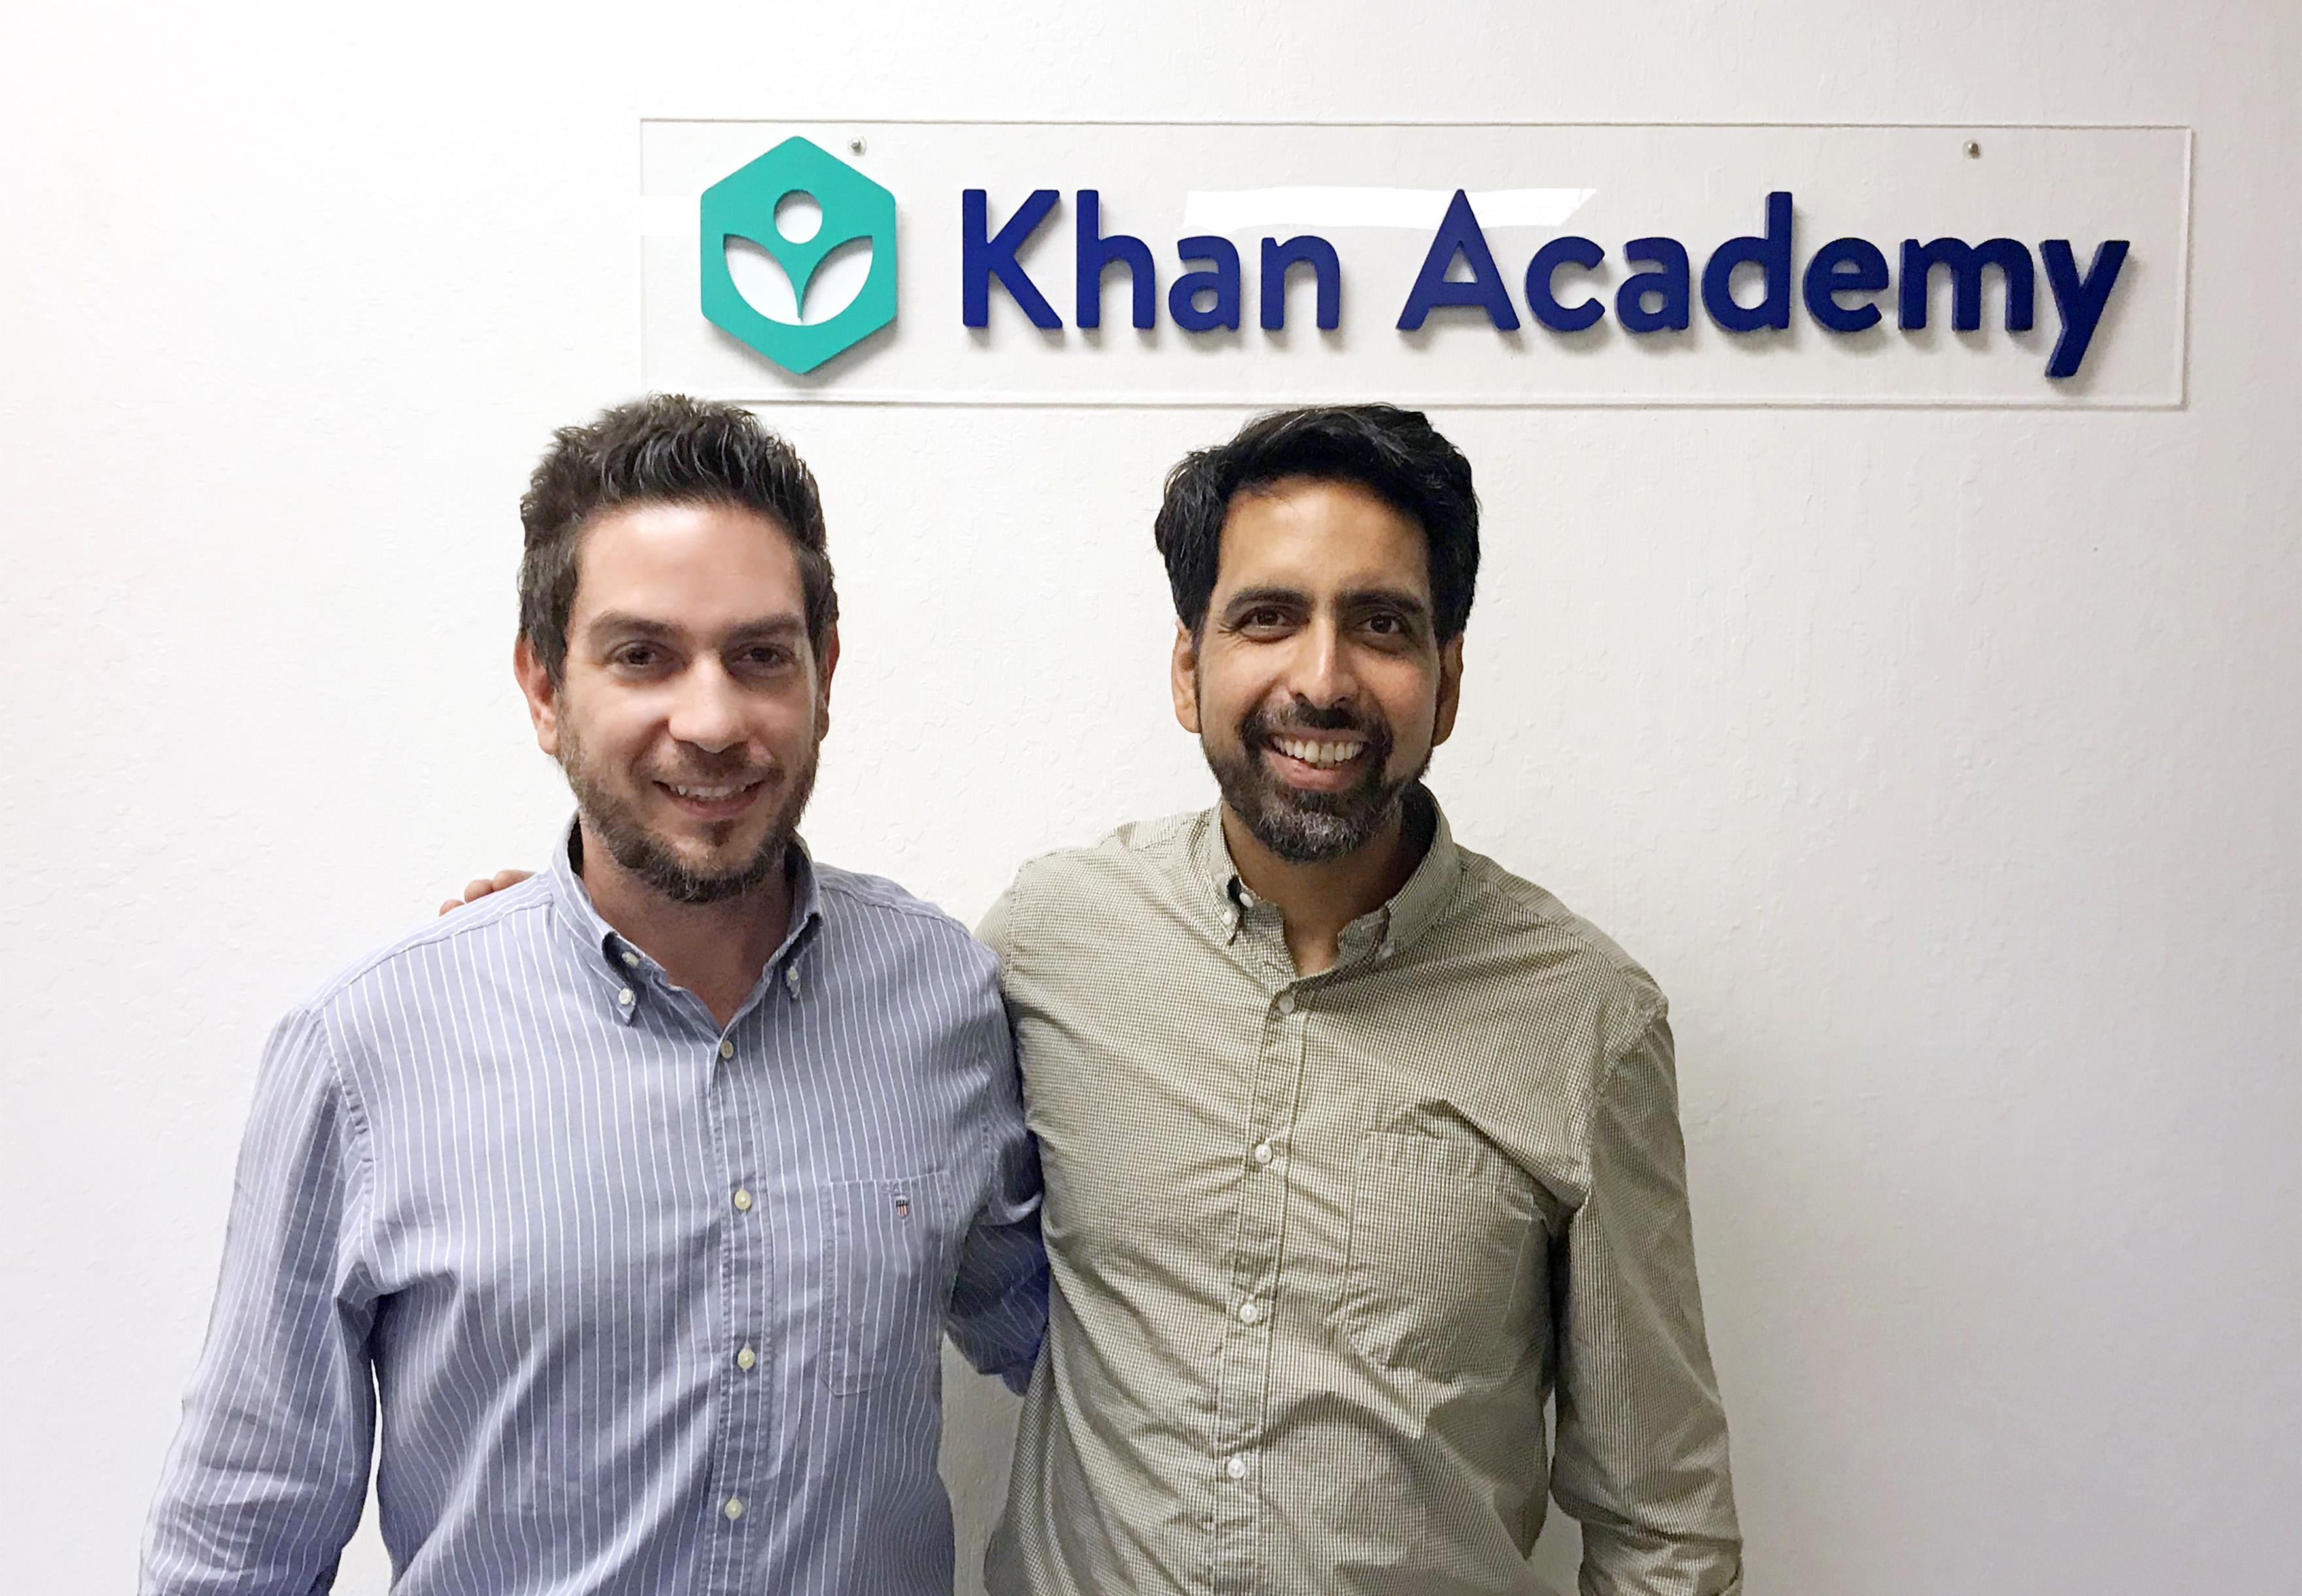 Alp & Sal Khan Academy